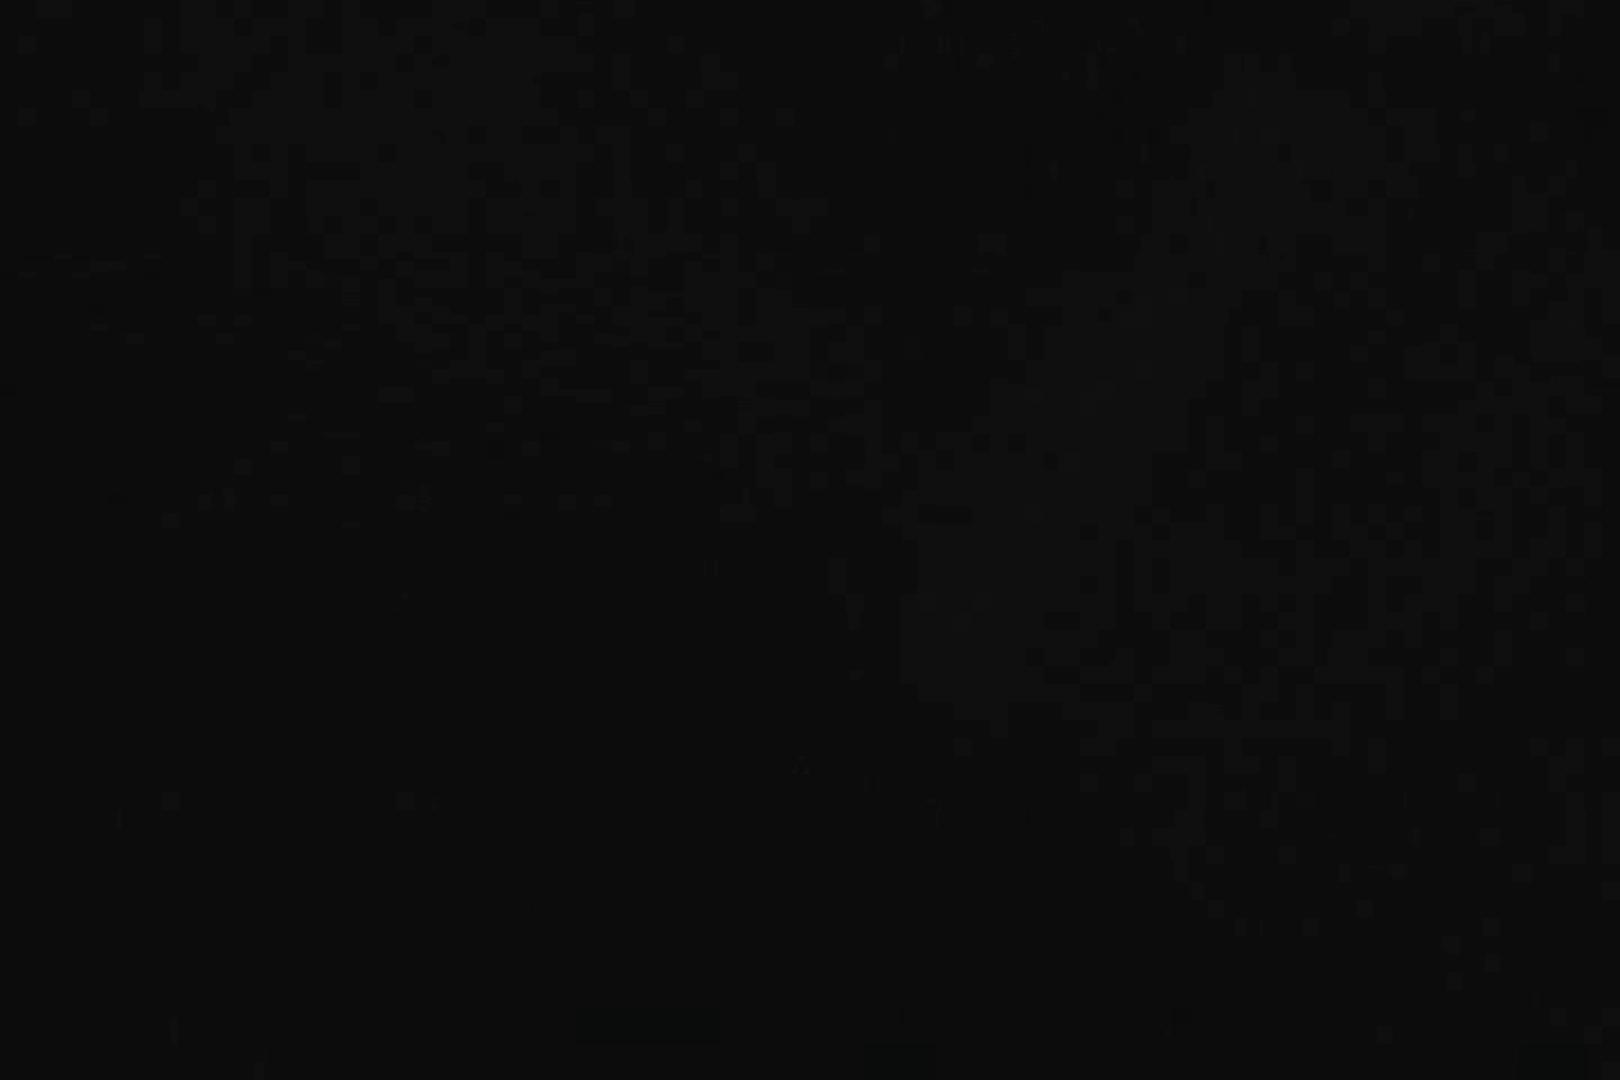 流出!極太の悪戯ウォッチング!前編 悪戯特集 ゲイ無料エロ画像 92枚 33